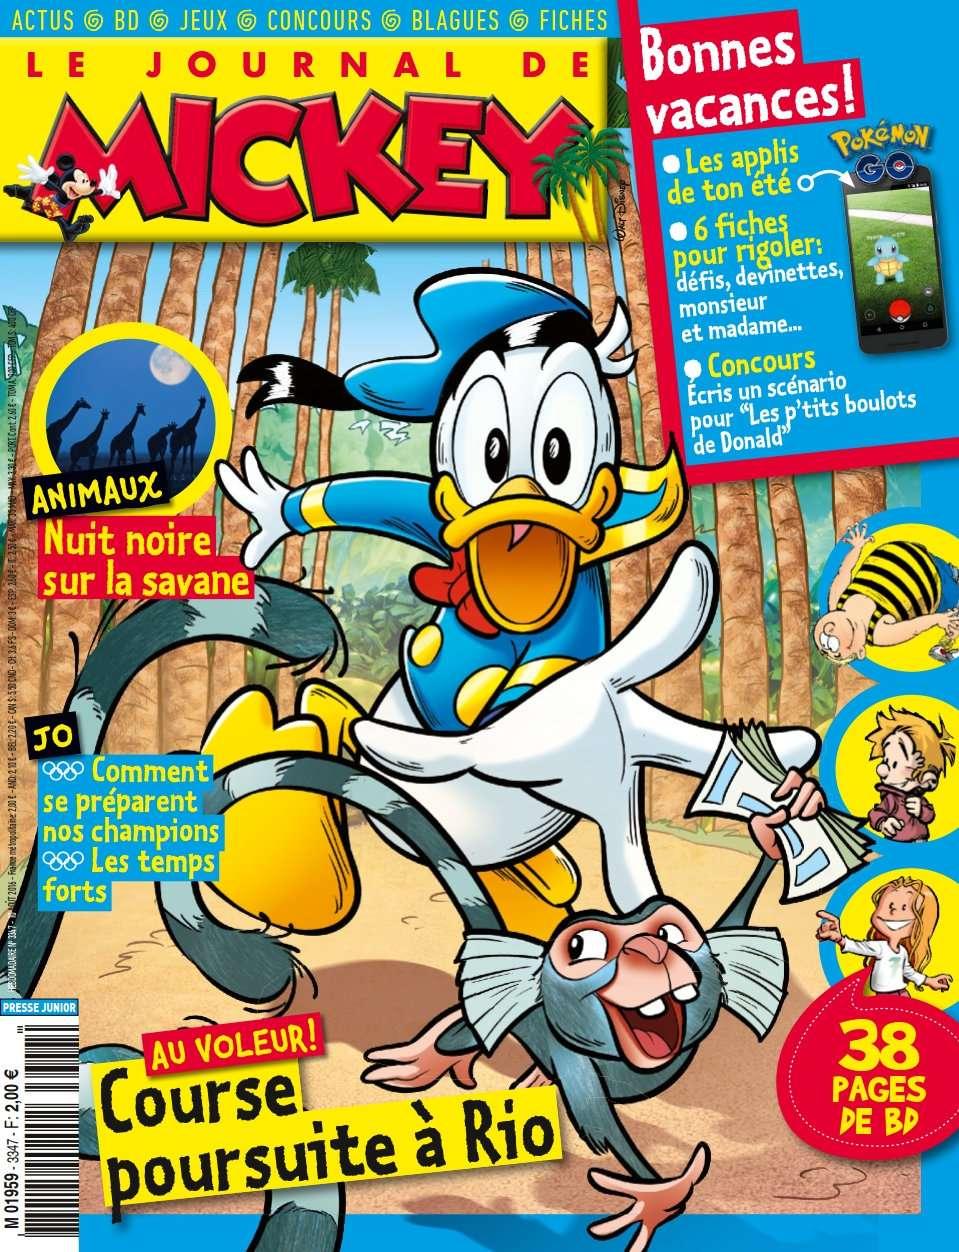 Le Journal de Mickey 3347 - 10 Août 2016